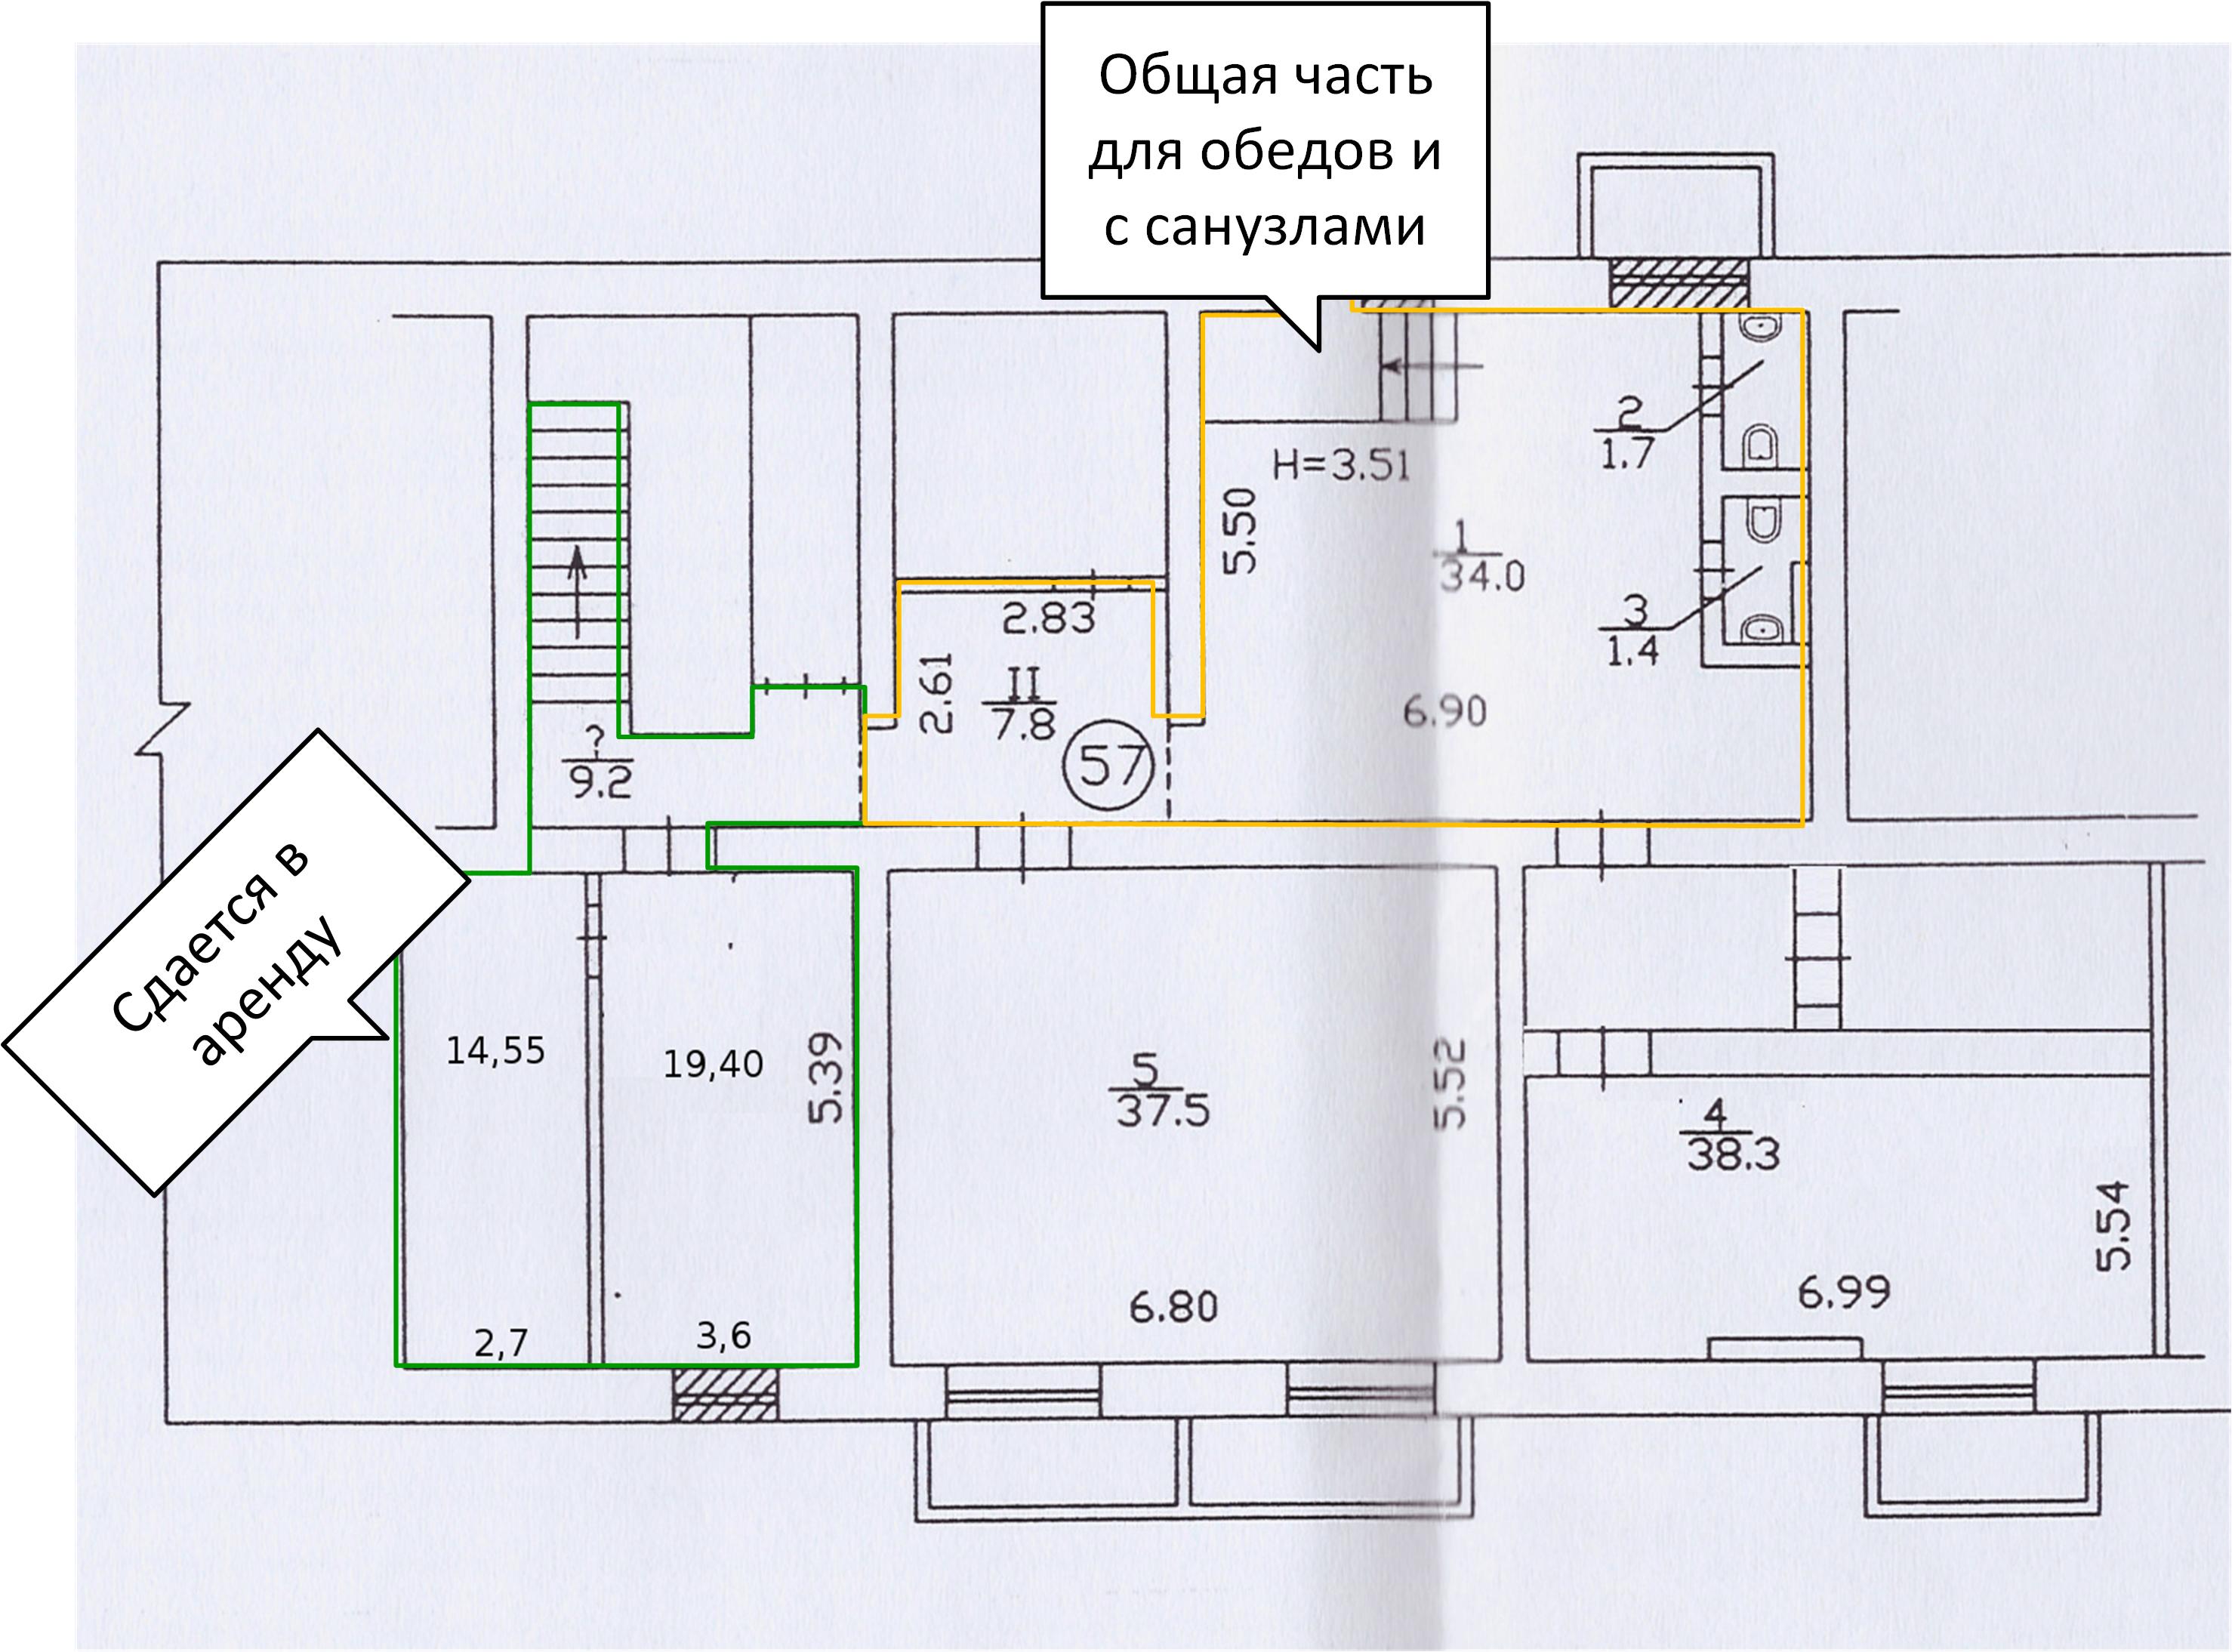 Схема помещения NEW